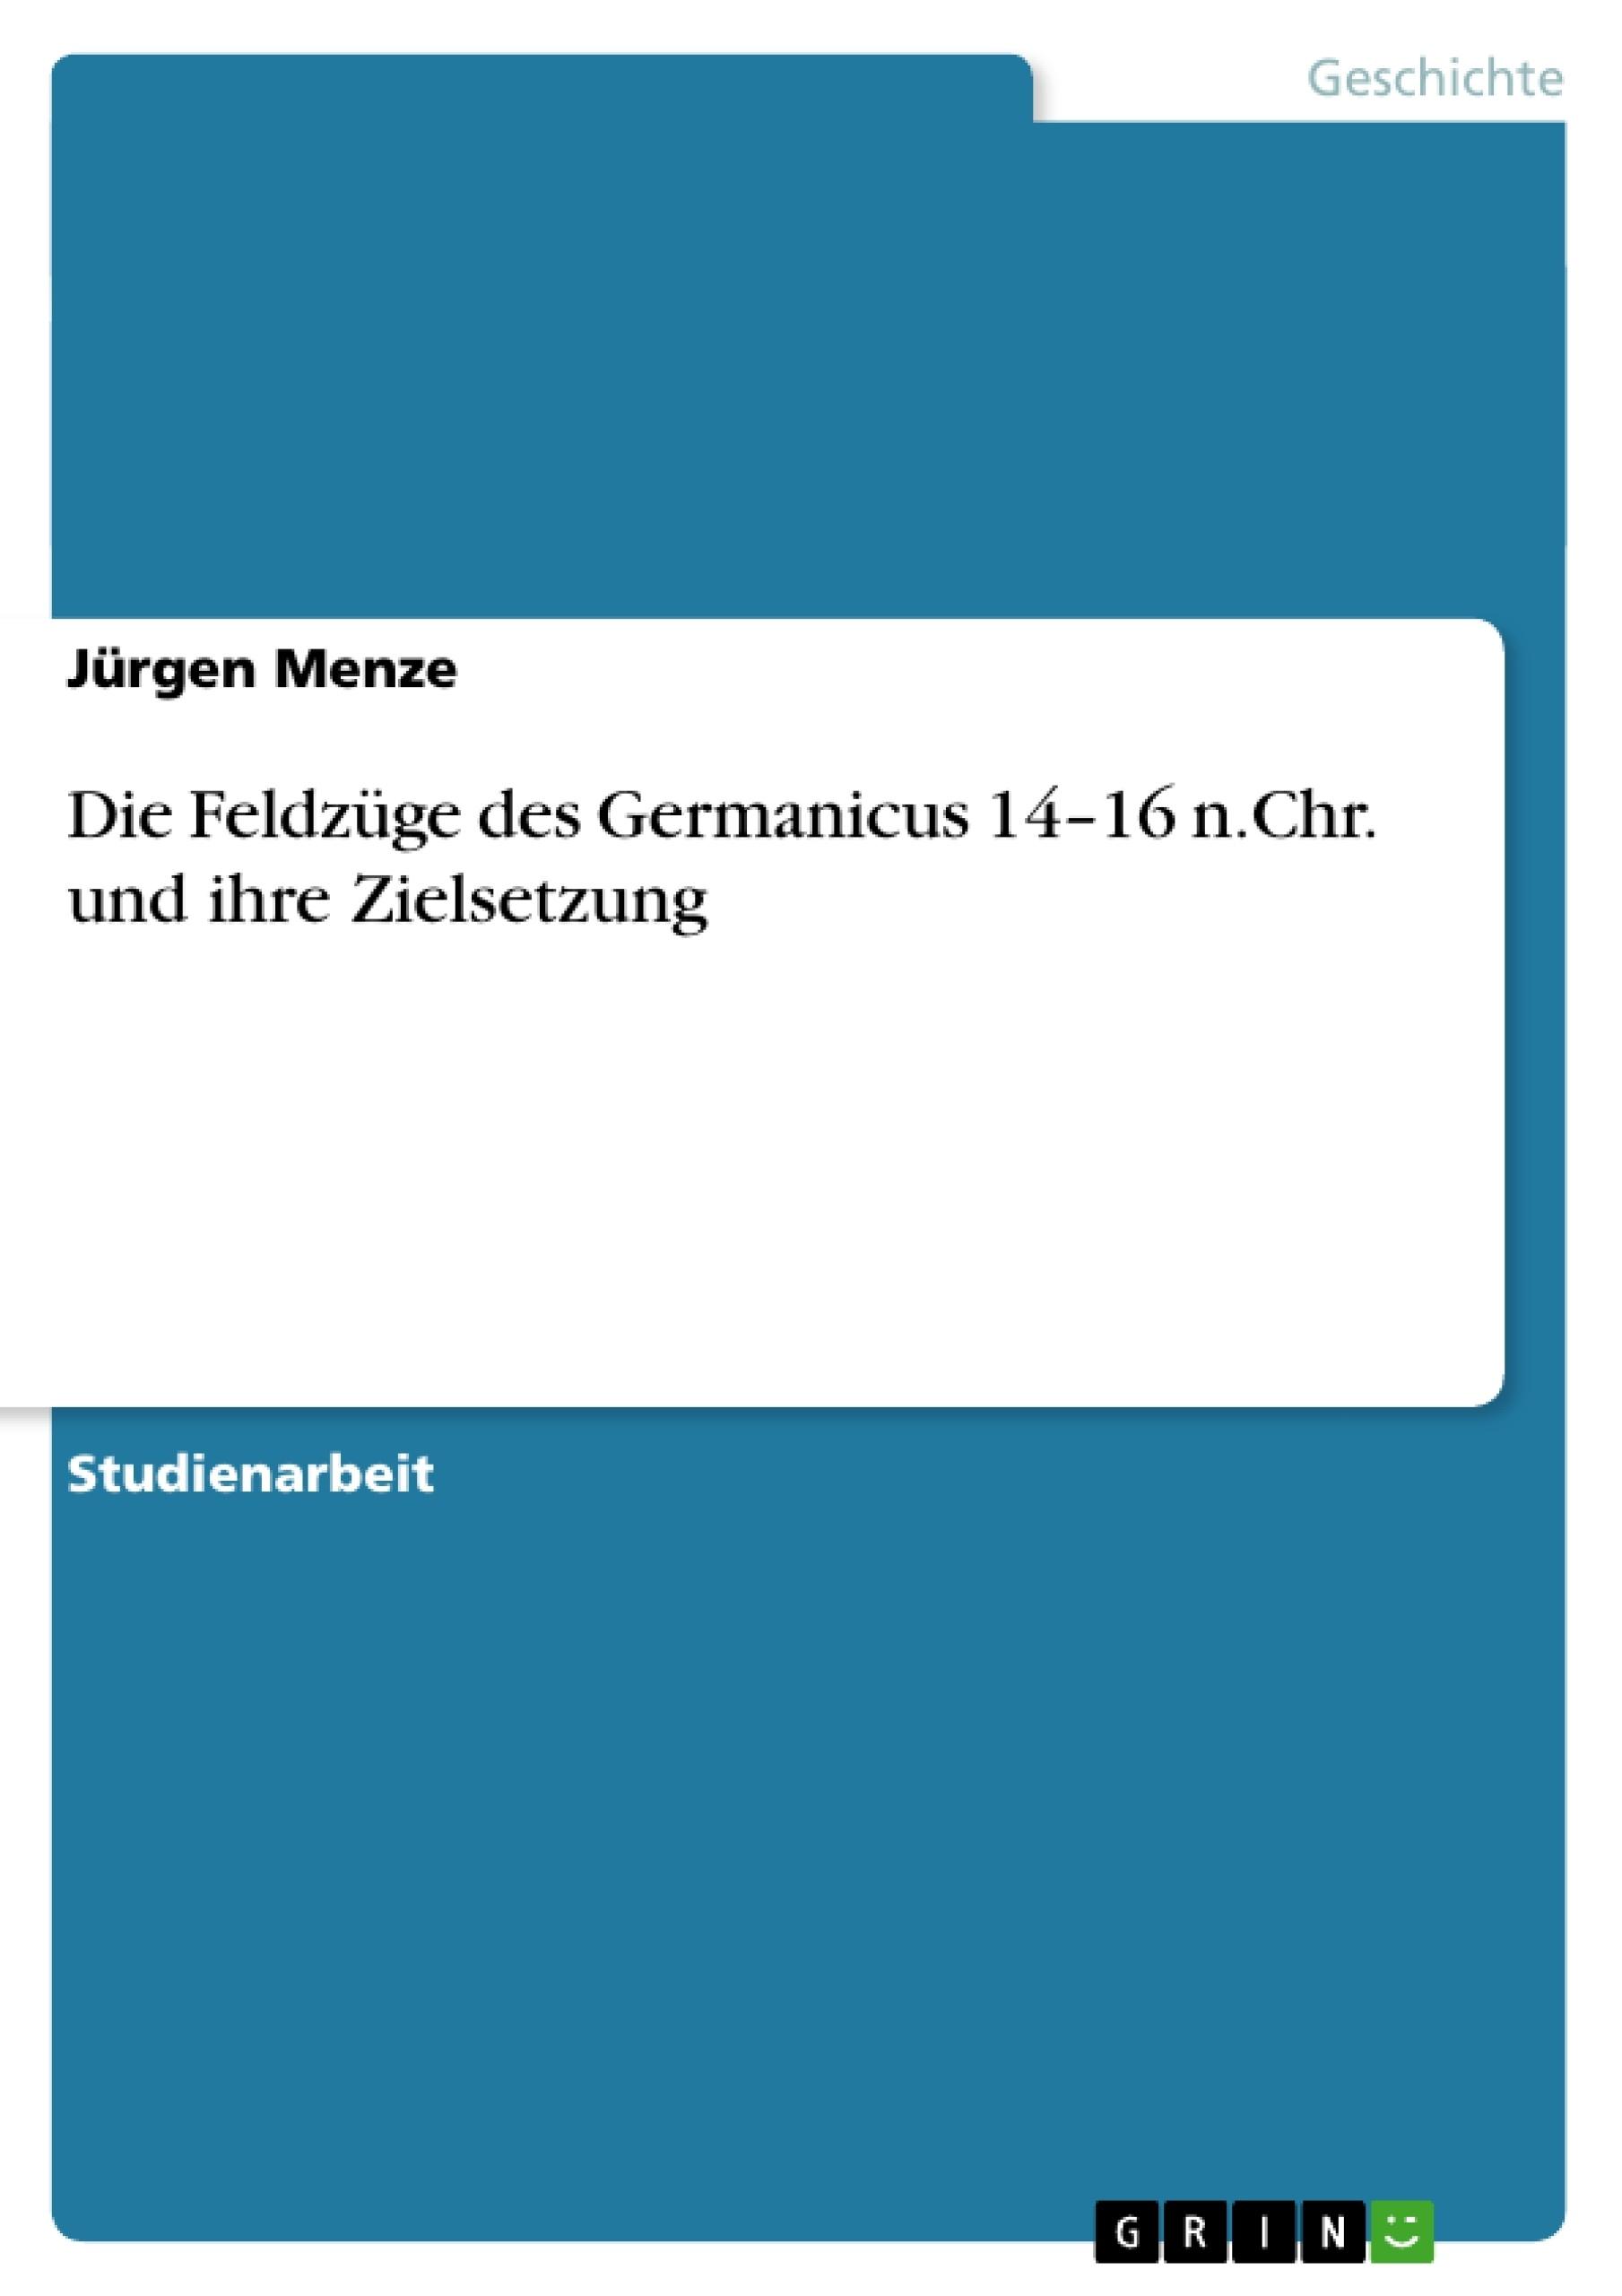 Titel: Die Feldzüge des Germanicus 14–16 n.Chr. und ihre Zielsetzung